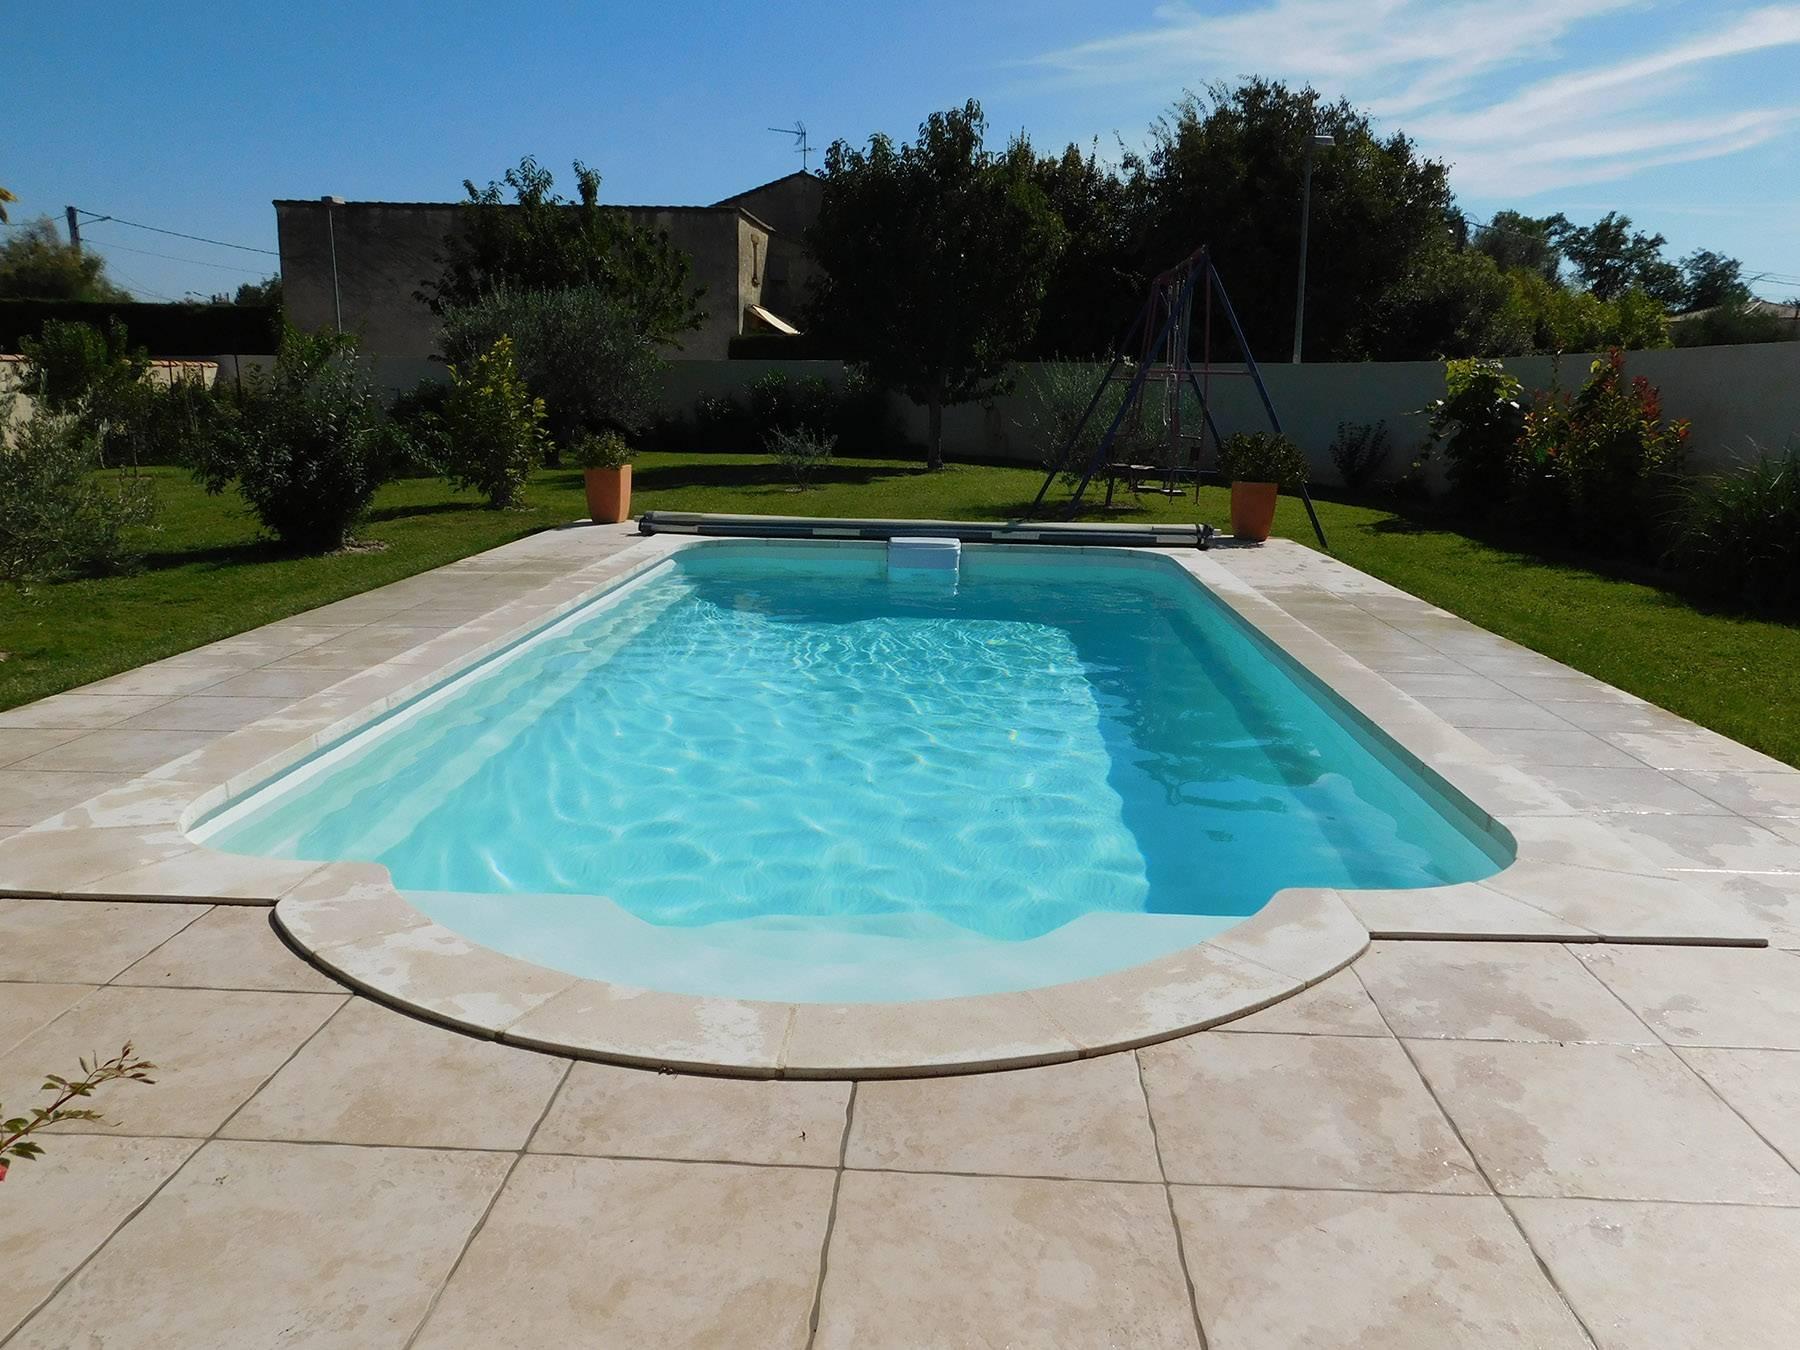 Materiel Piscine La Ciotat vente de piscines declic à coque polyester marseille - ferré